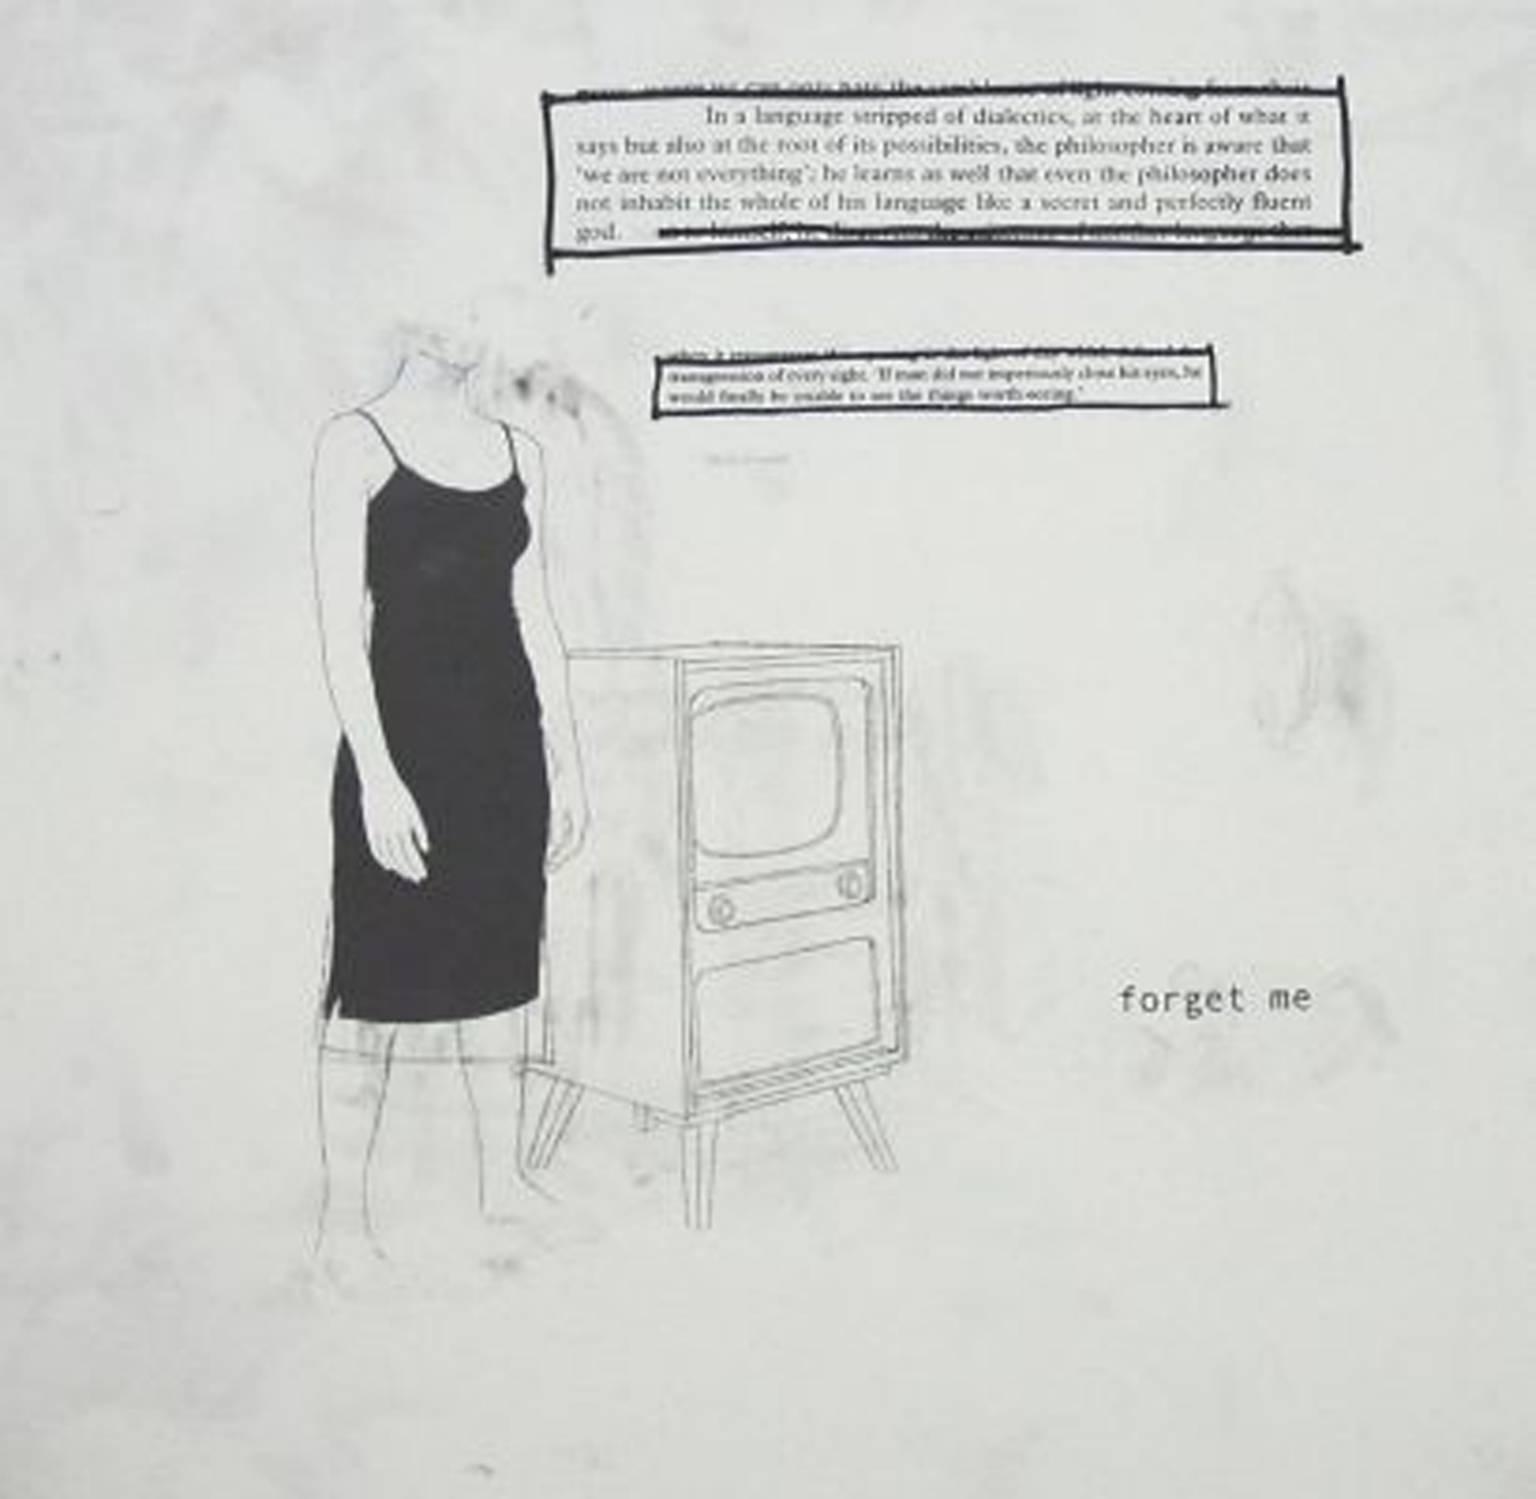 Forget Me, 2005 by  Julião Sarmento.